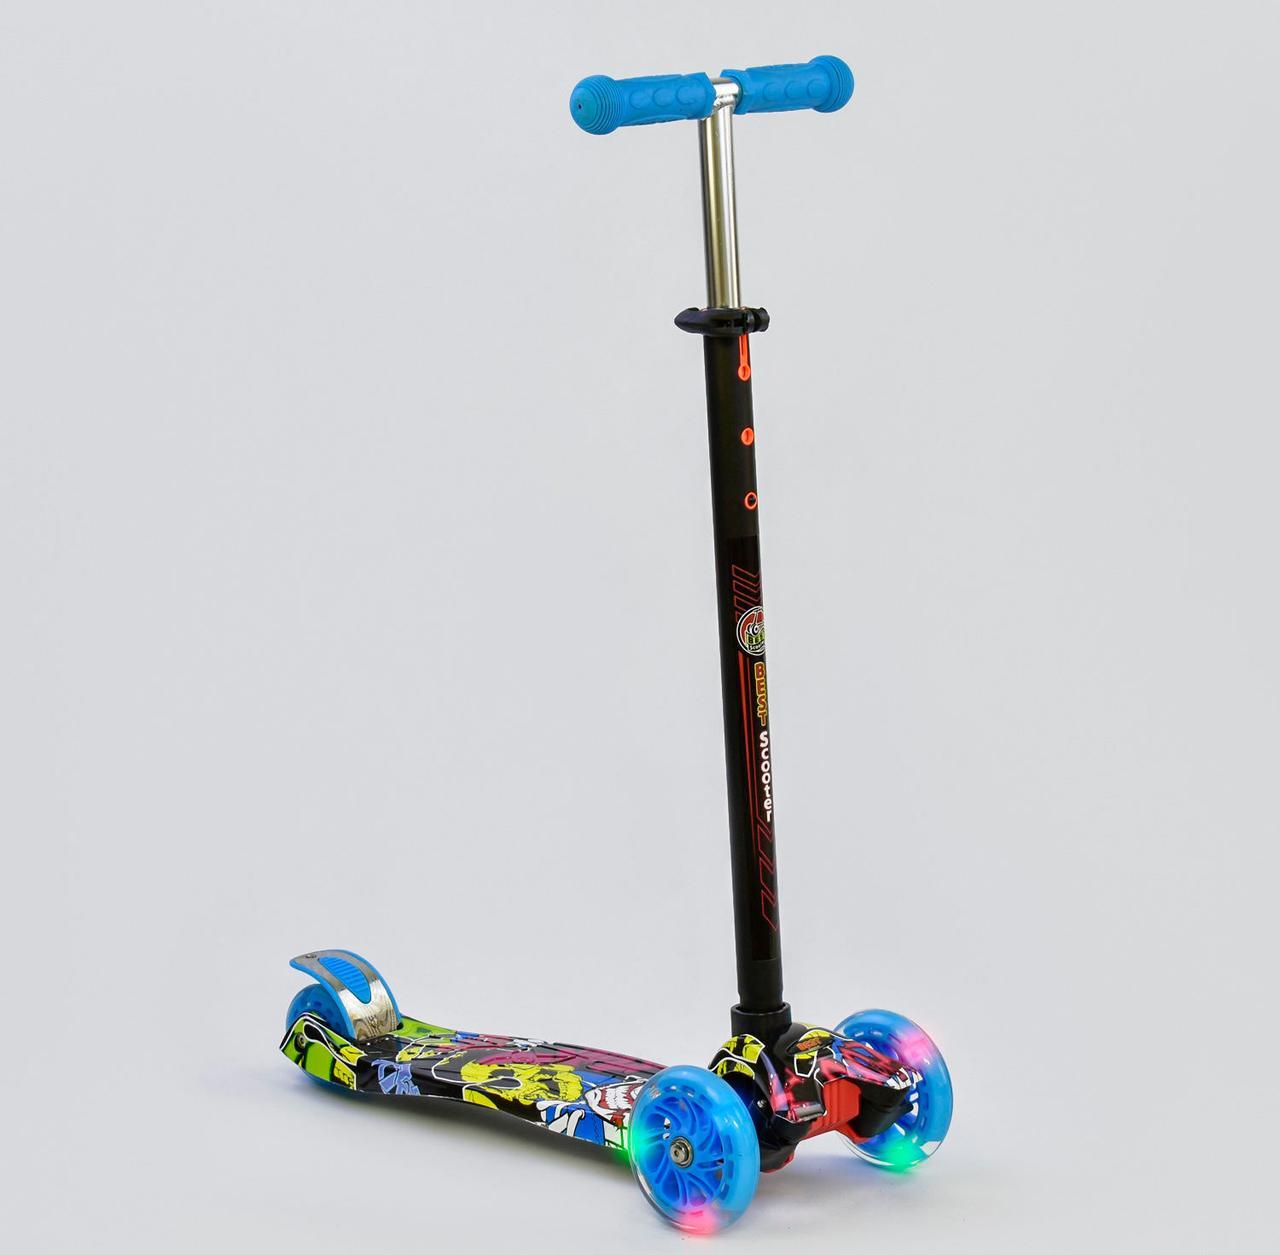 Детский самокат MAXI Best Scooter. Графити 3 . Светящиеся колеса!